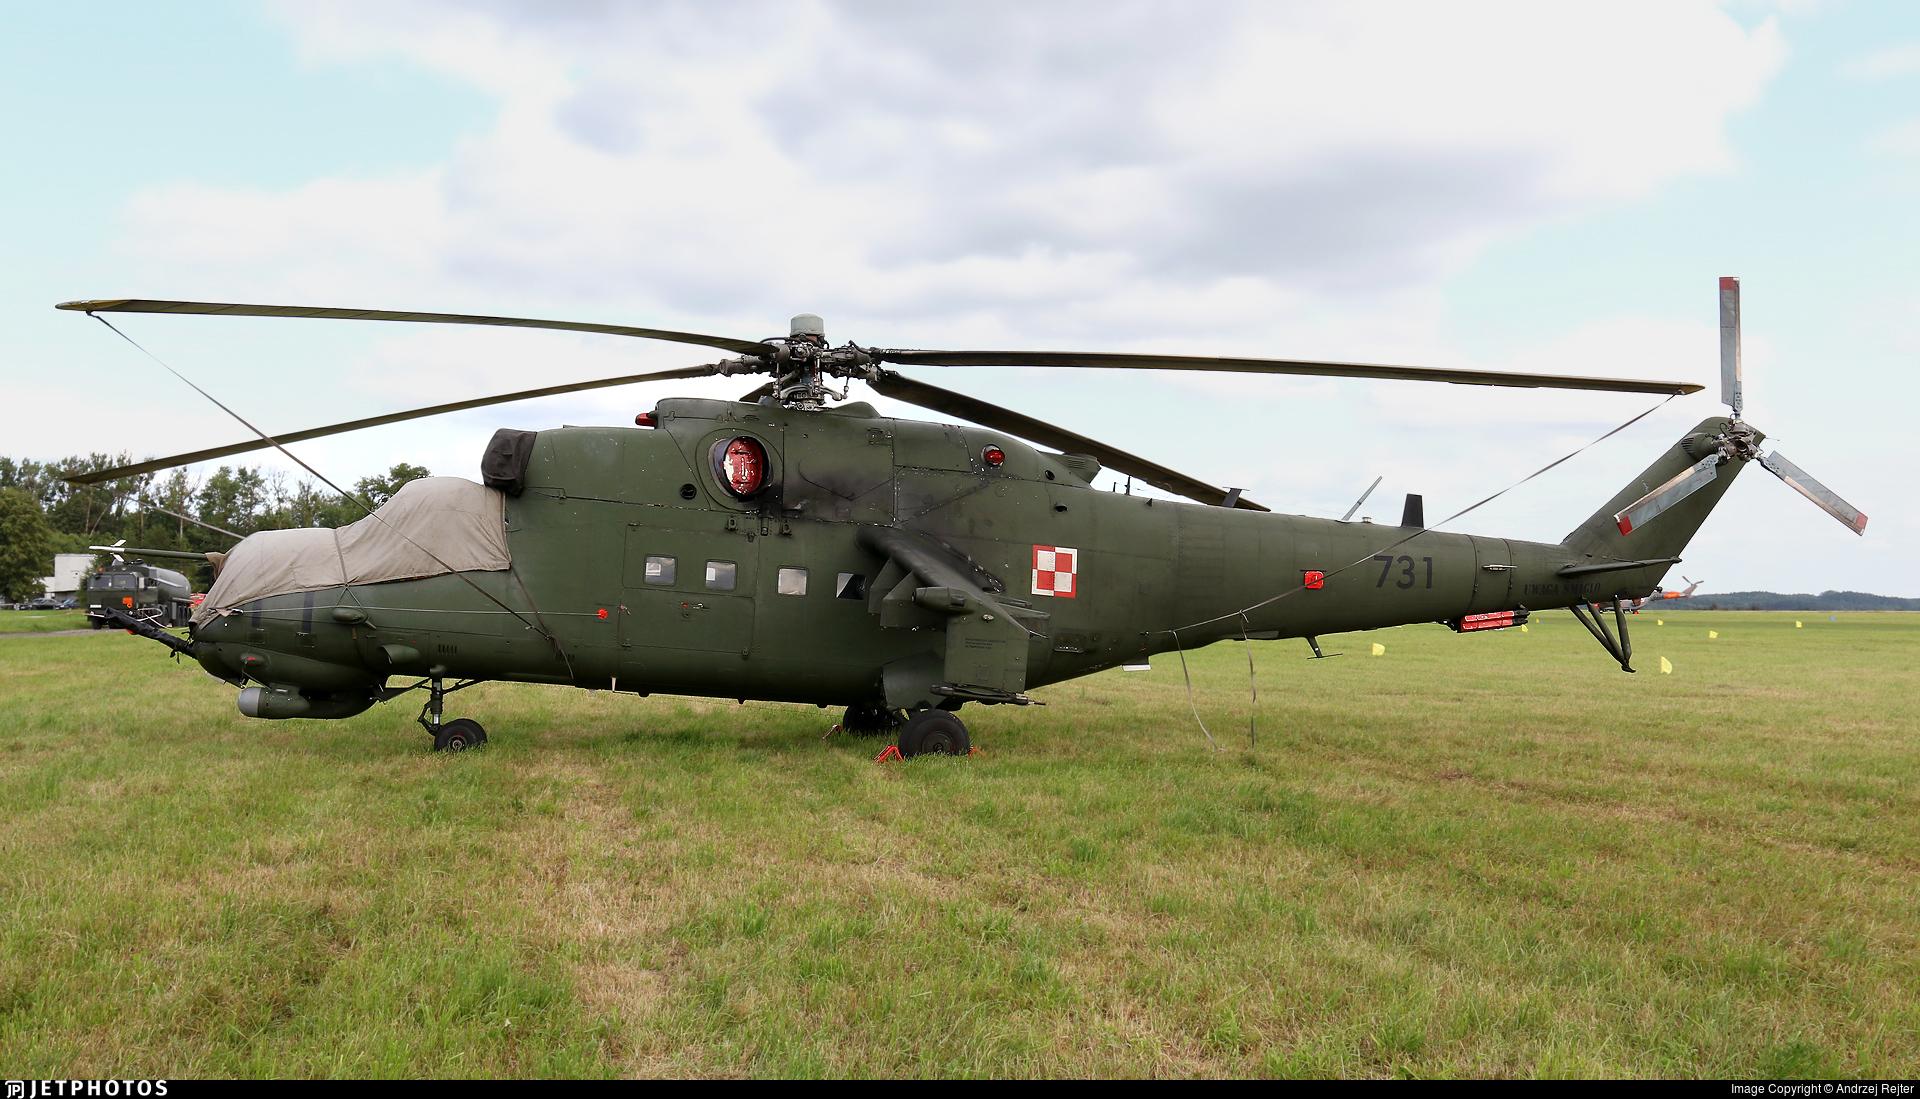 731 - Mil Mi-24V Hind E - Poland - Army